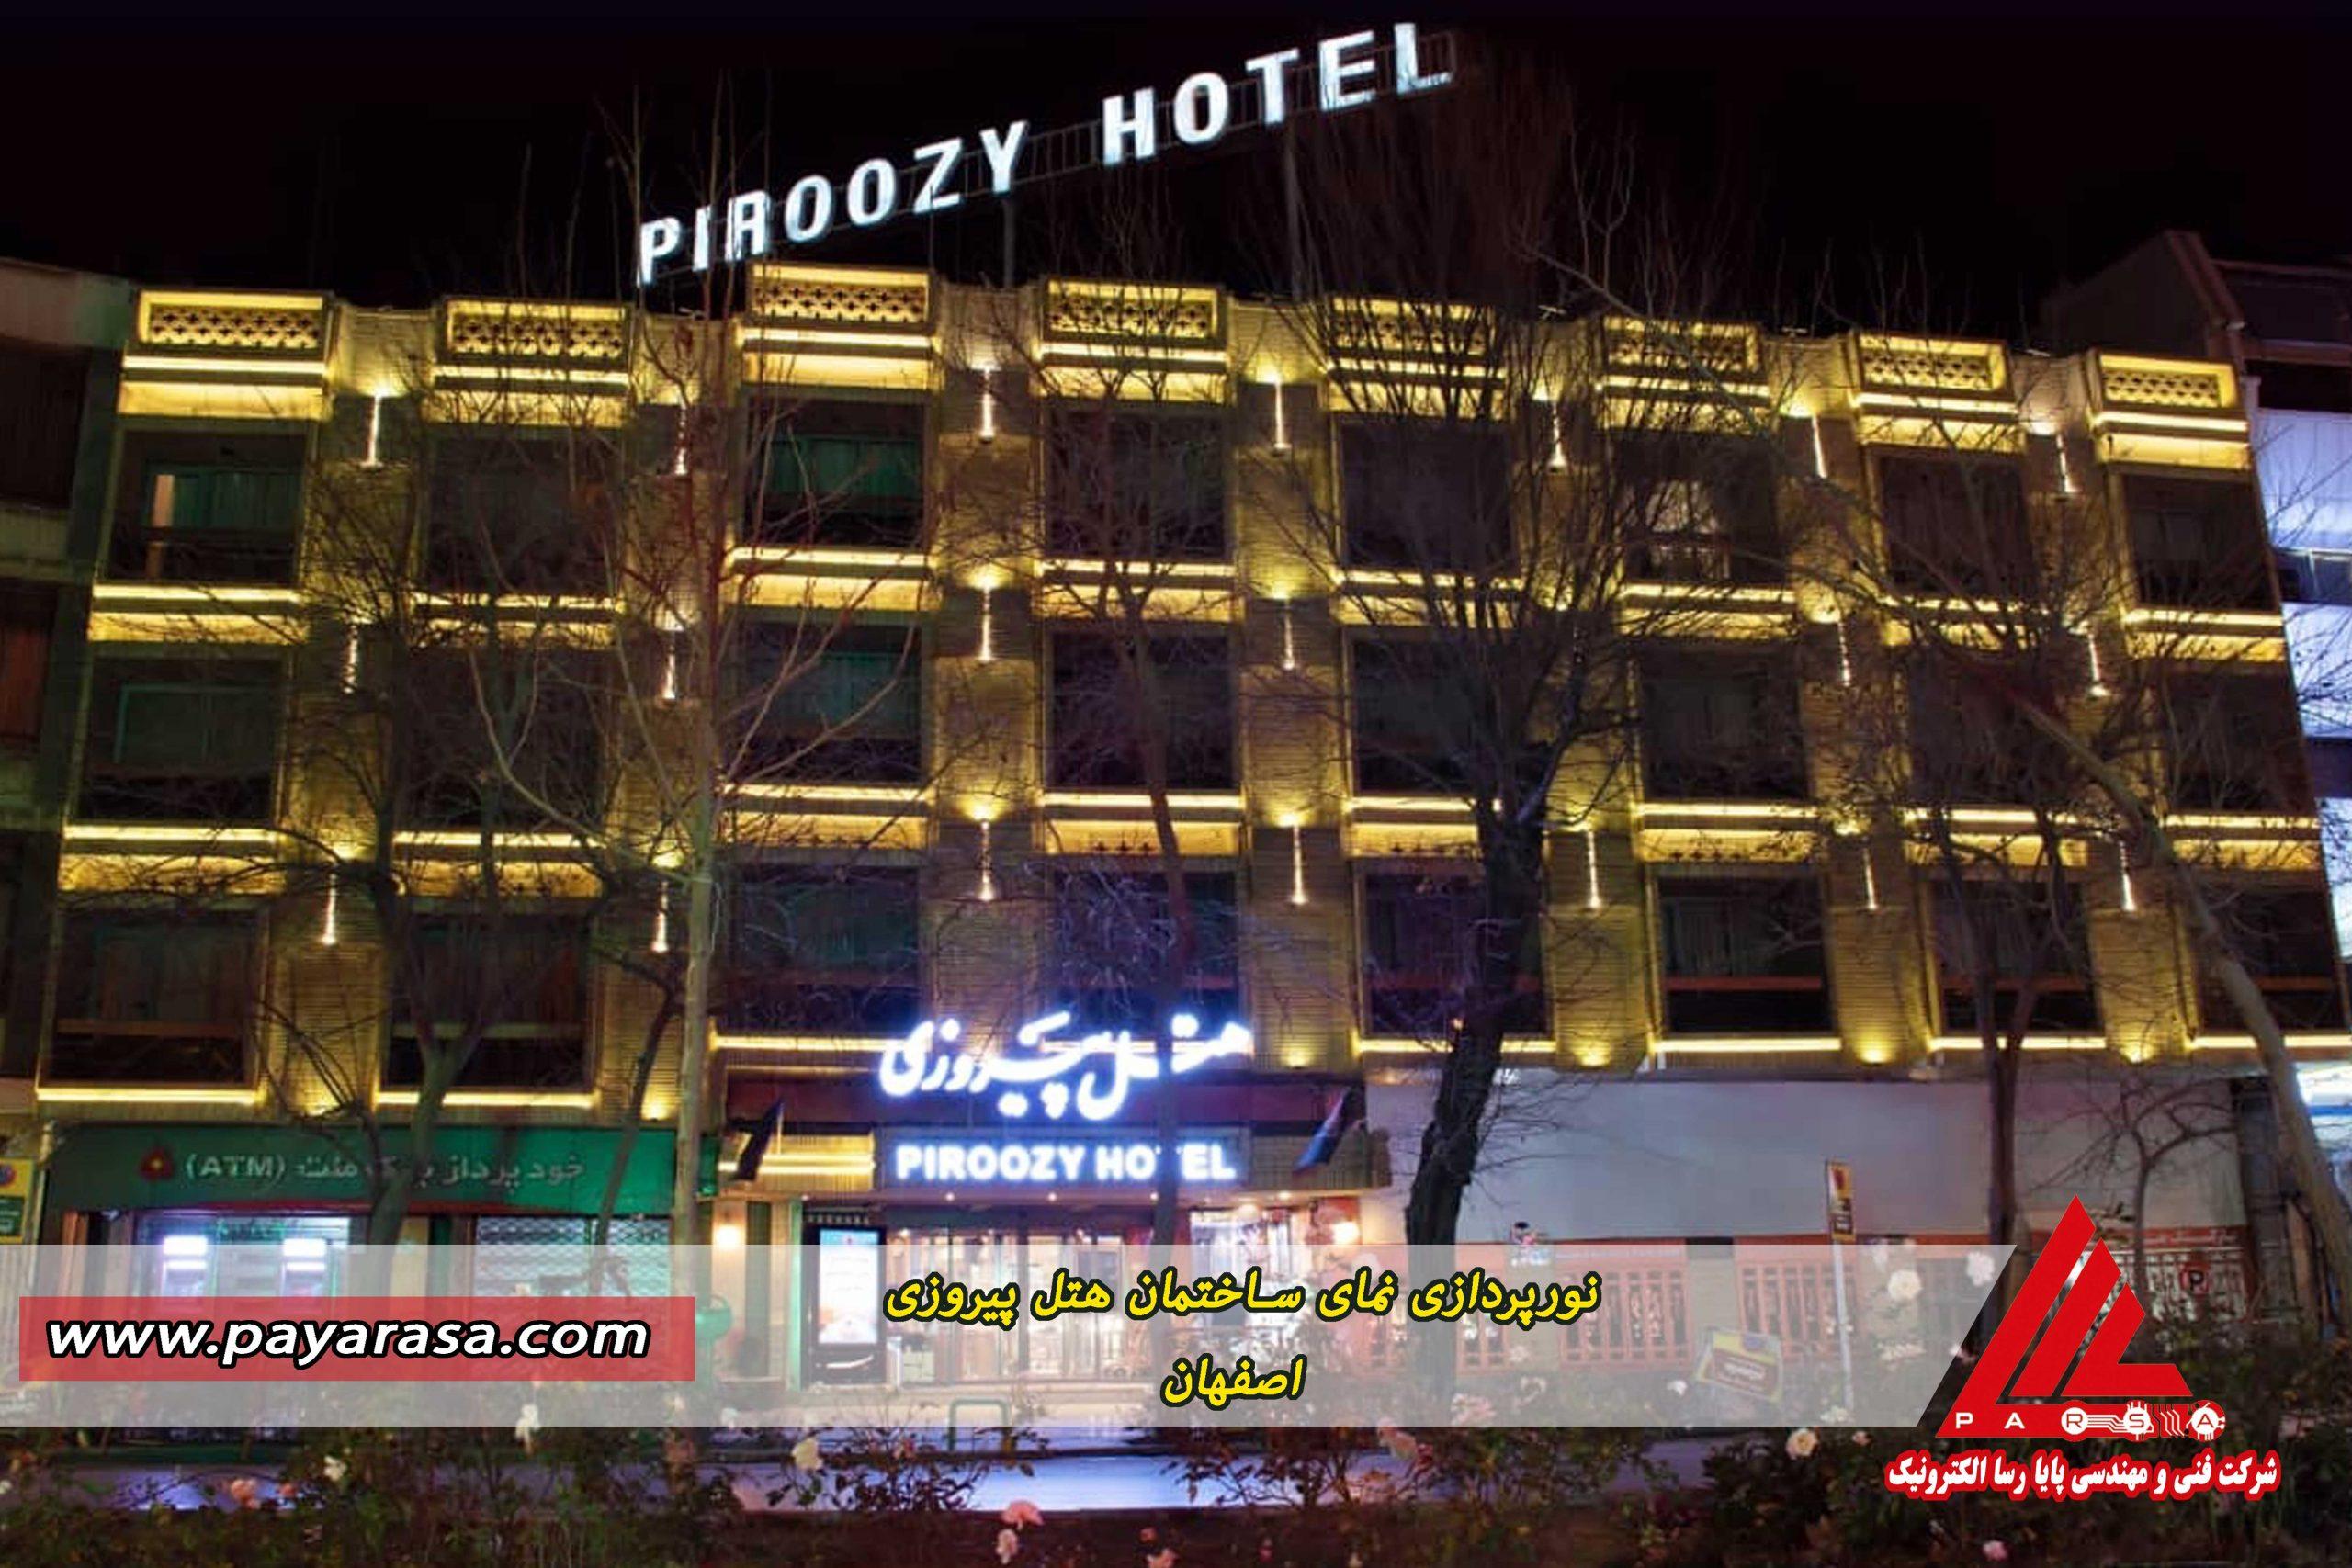 نورپردازی نمای ساختمان هتل پیروزی اصفهان